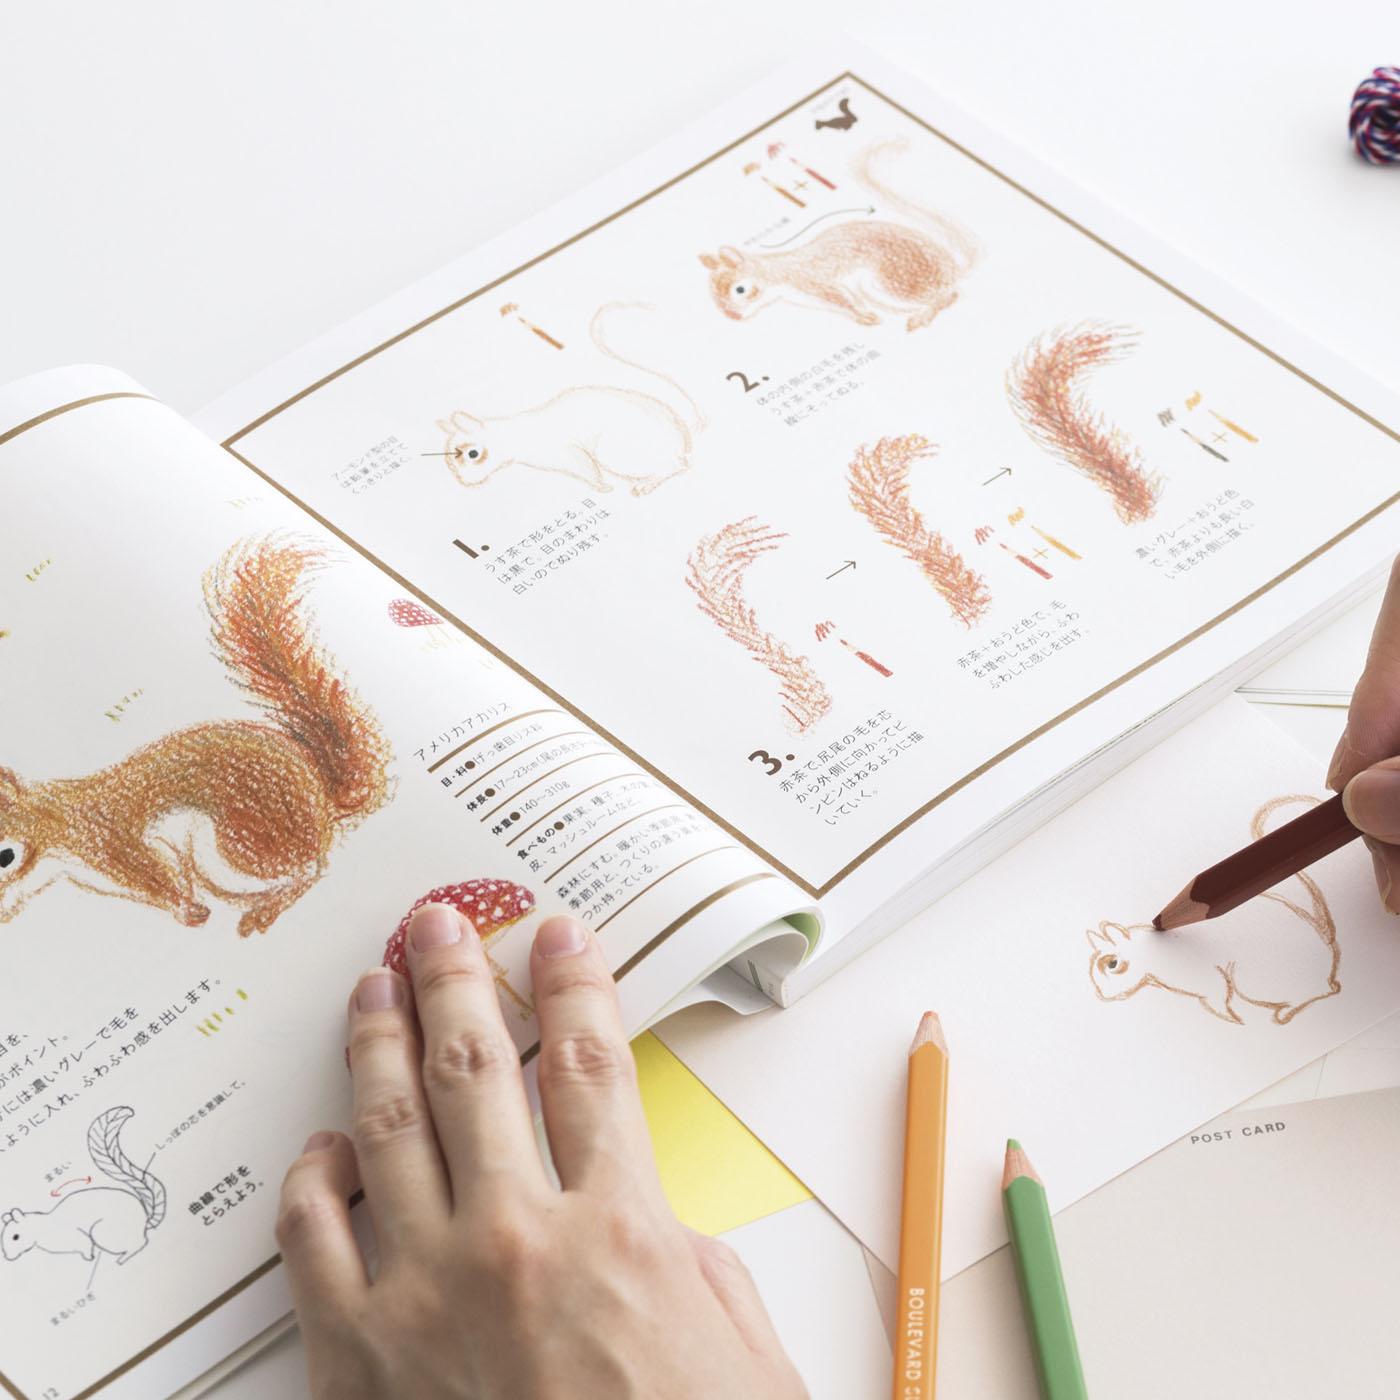 目の特徴は?しっぽのバランスは?毛の特徴は?……とゆっくり見て描ける解説がうれしい!!